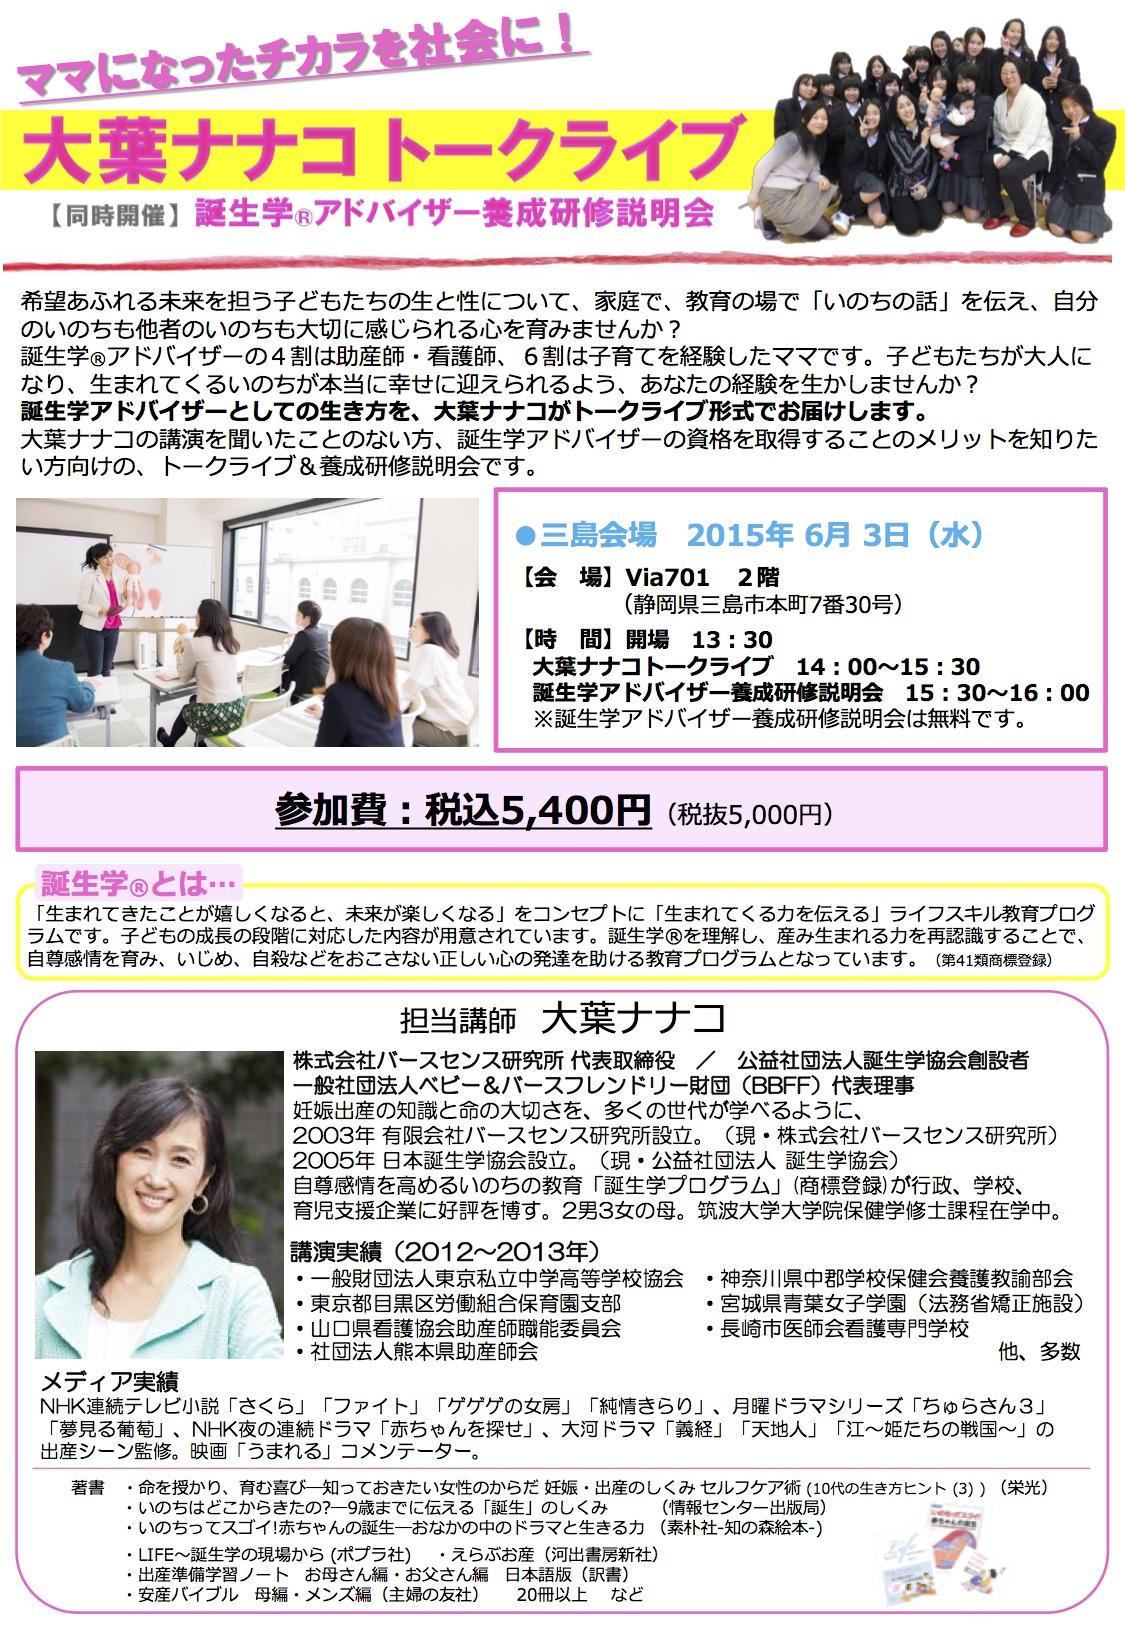 大葉ナナコ トークライブ! 同時開催:誕生学アドバイザー養成研修説明会